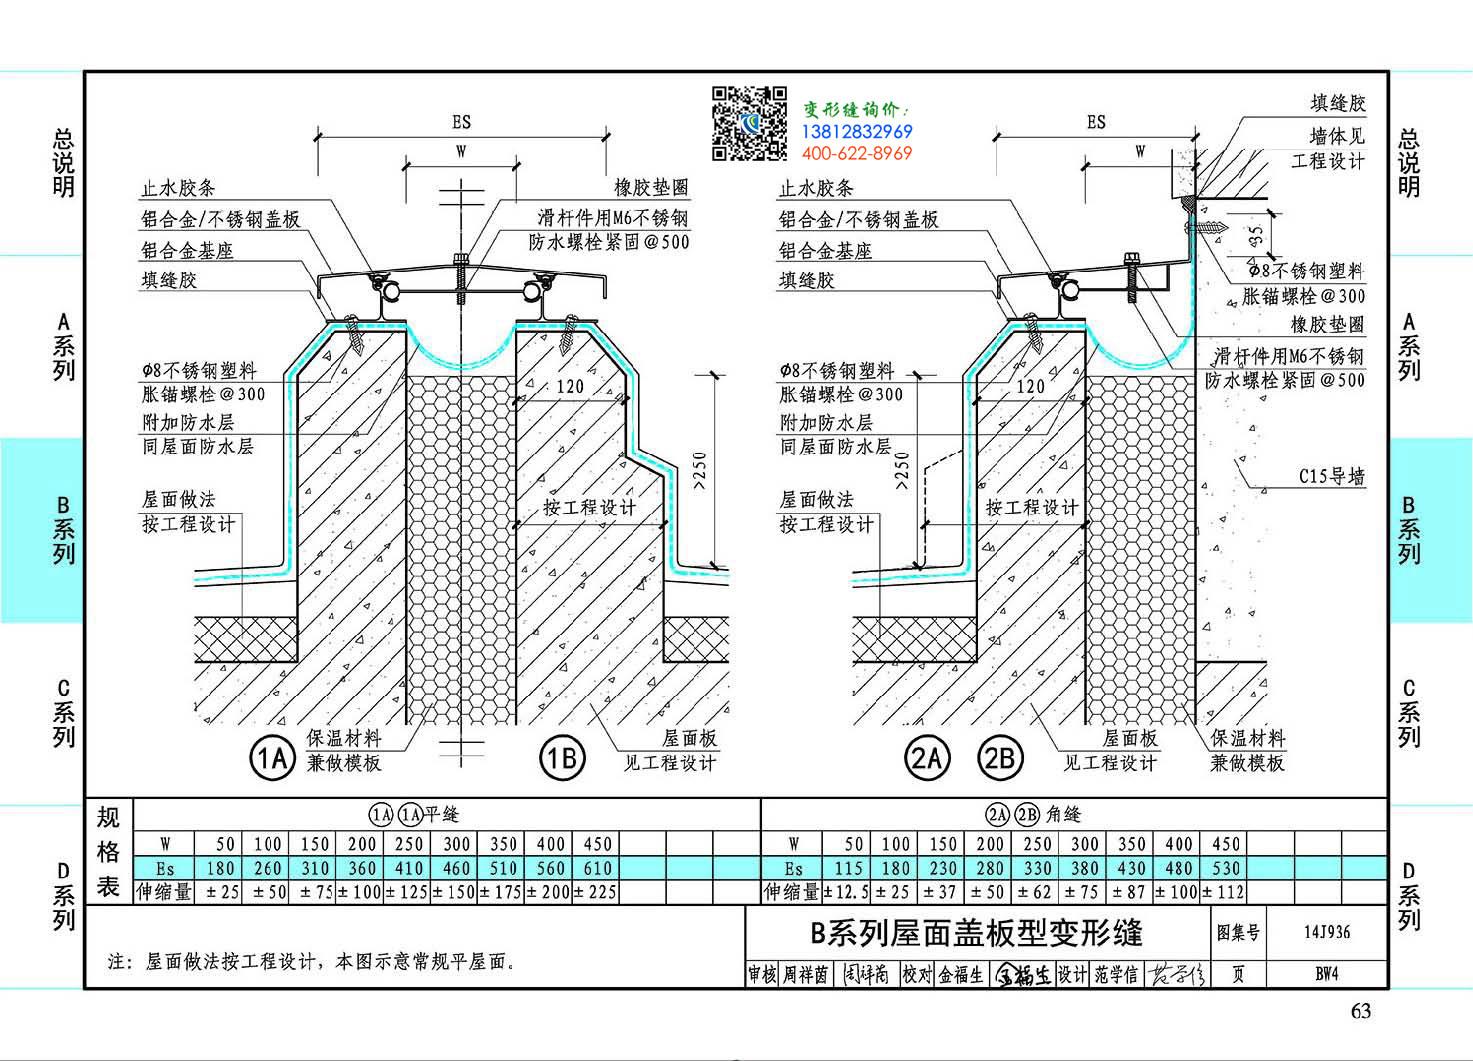 变形缝图集14J936BW4-B系列屋面盖板型变形缝